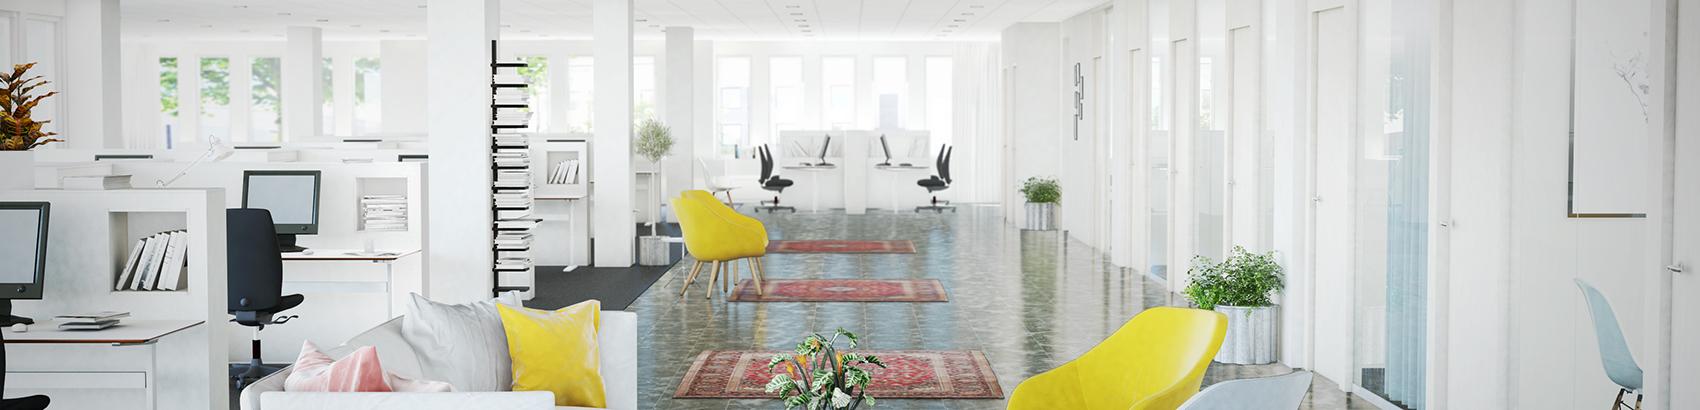 Visualiseringsbild ledigt kontor